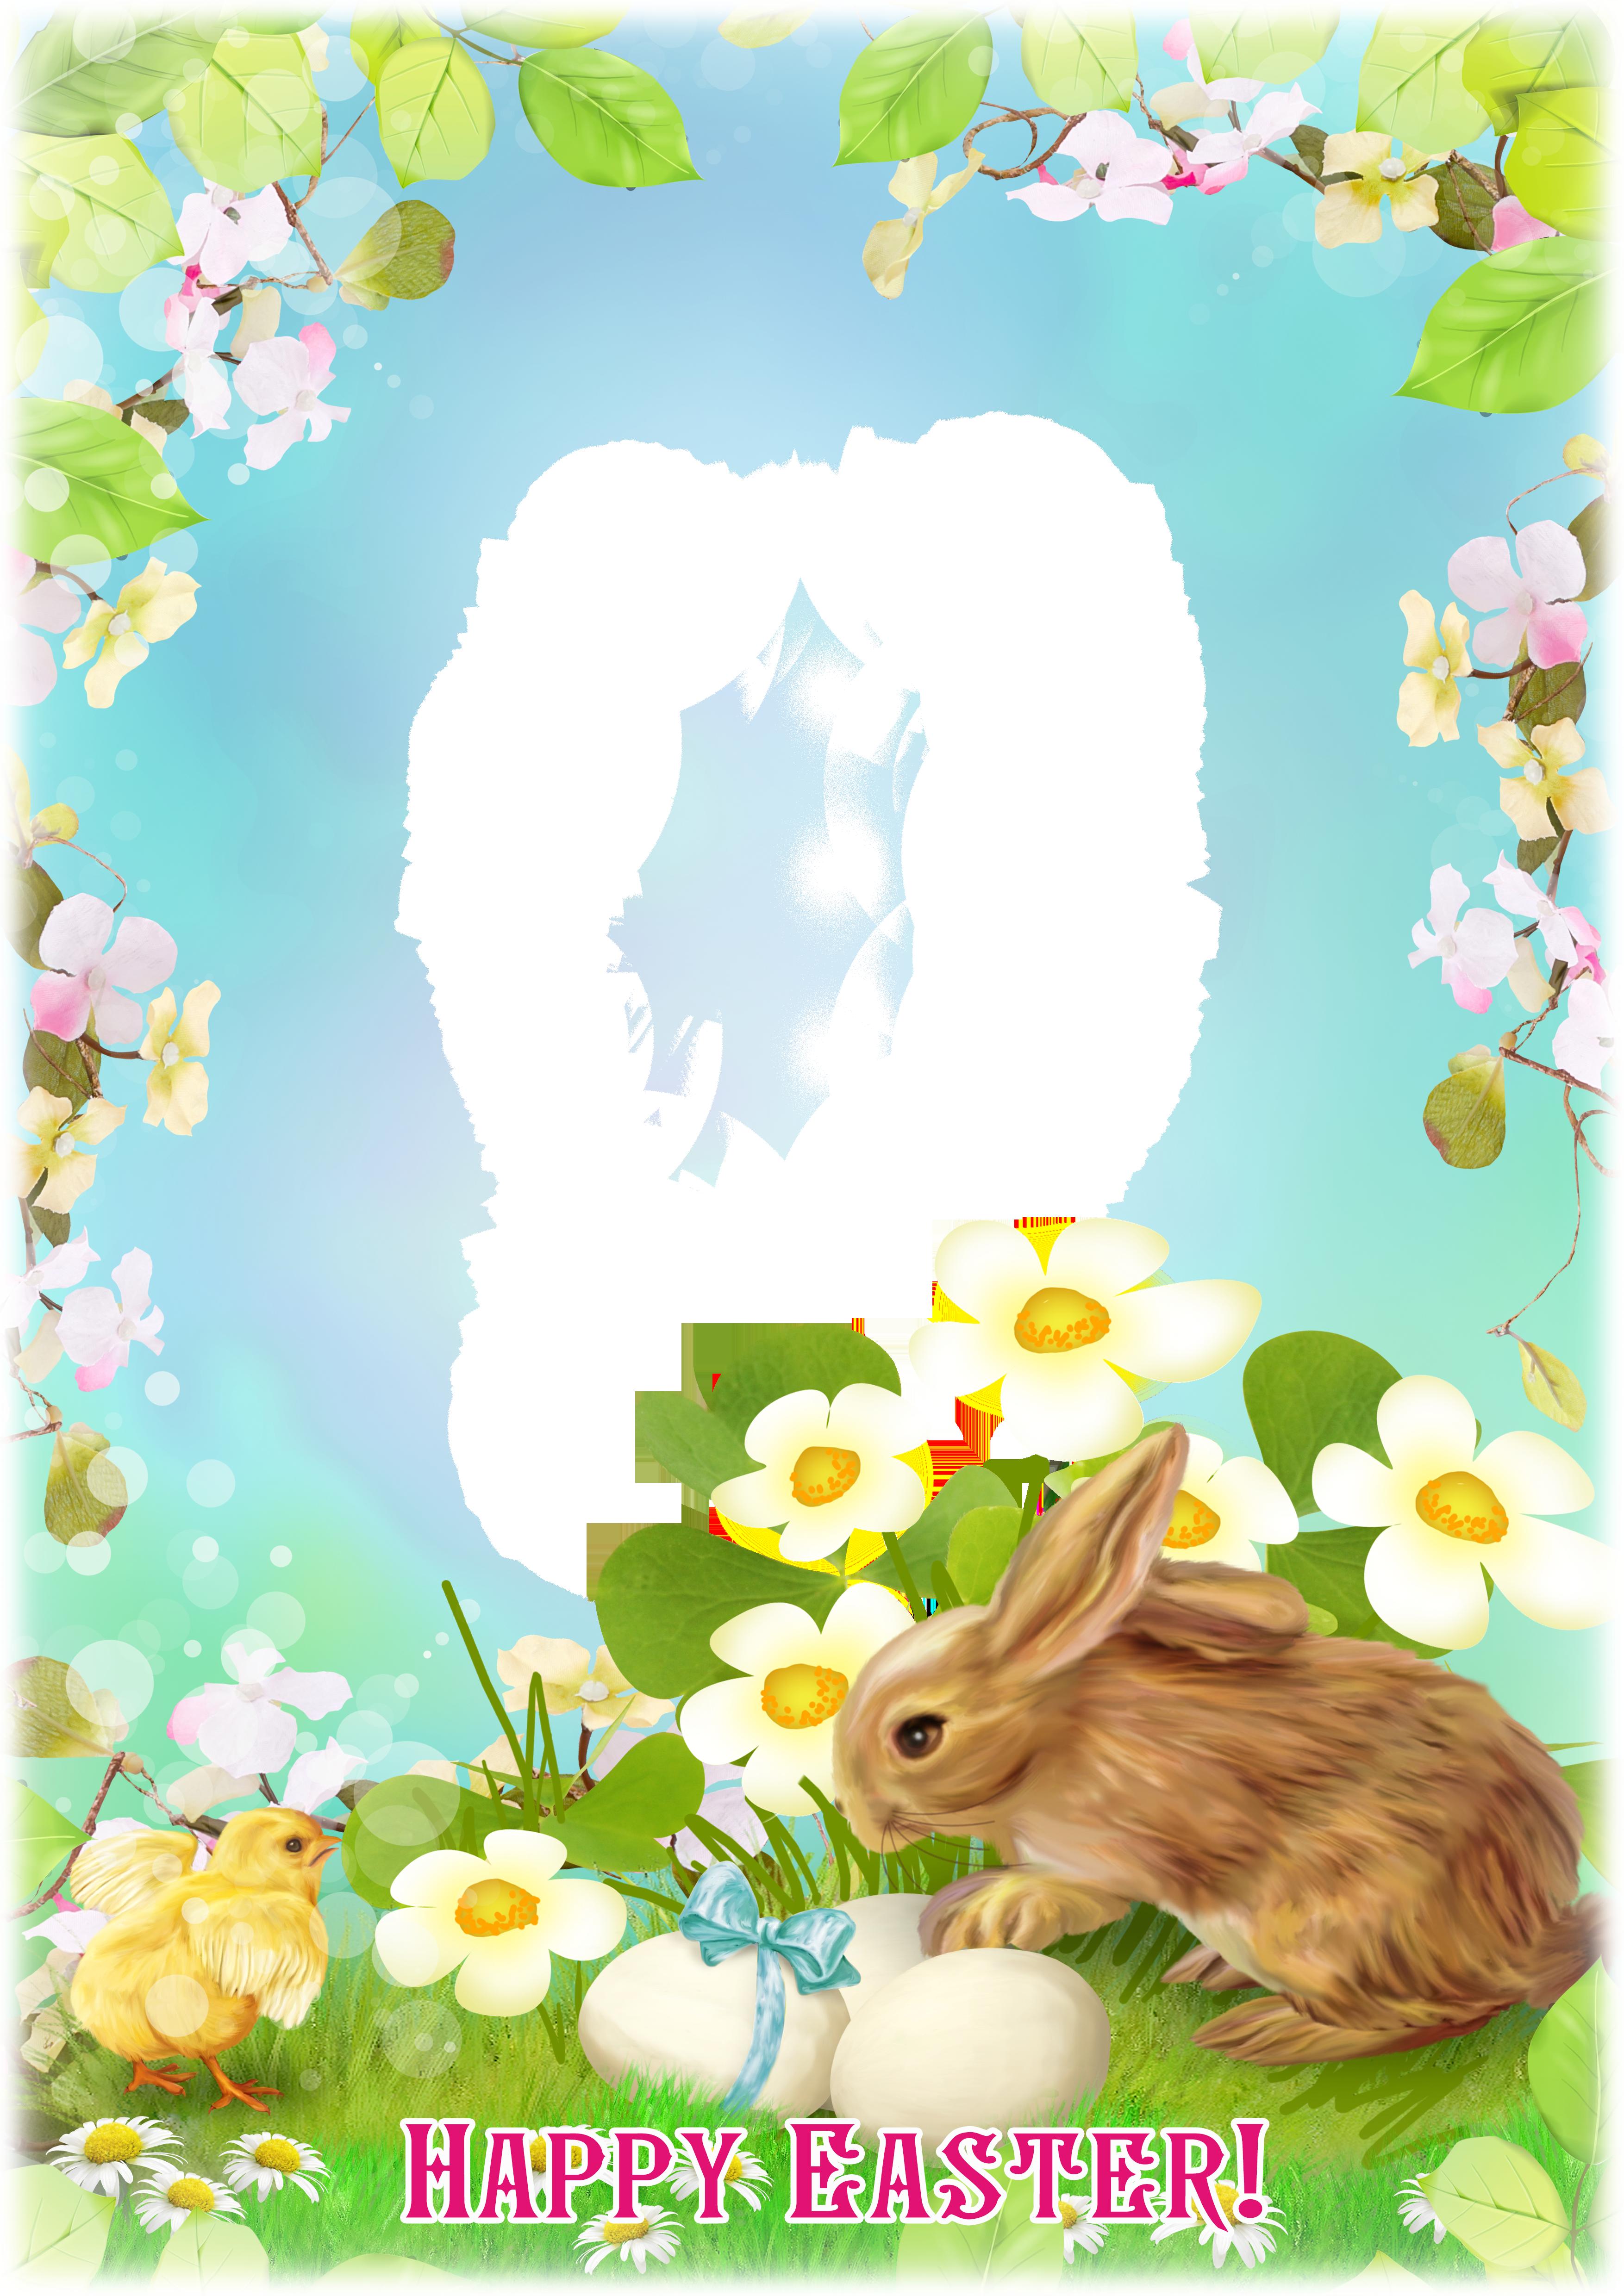 Easter Frame 8.5 x 11.   EASTER   Pinterest   Easter and Frame